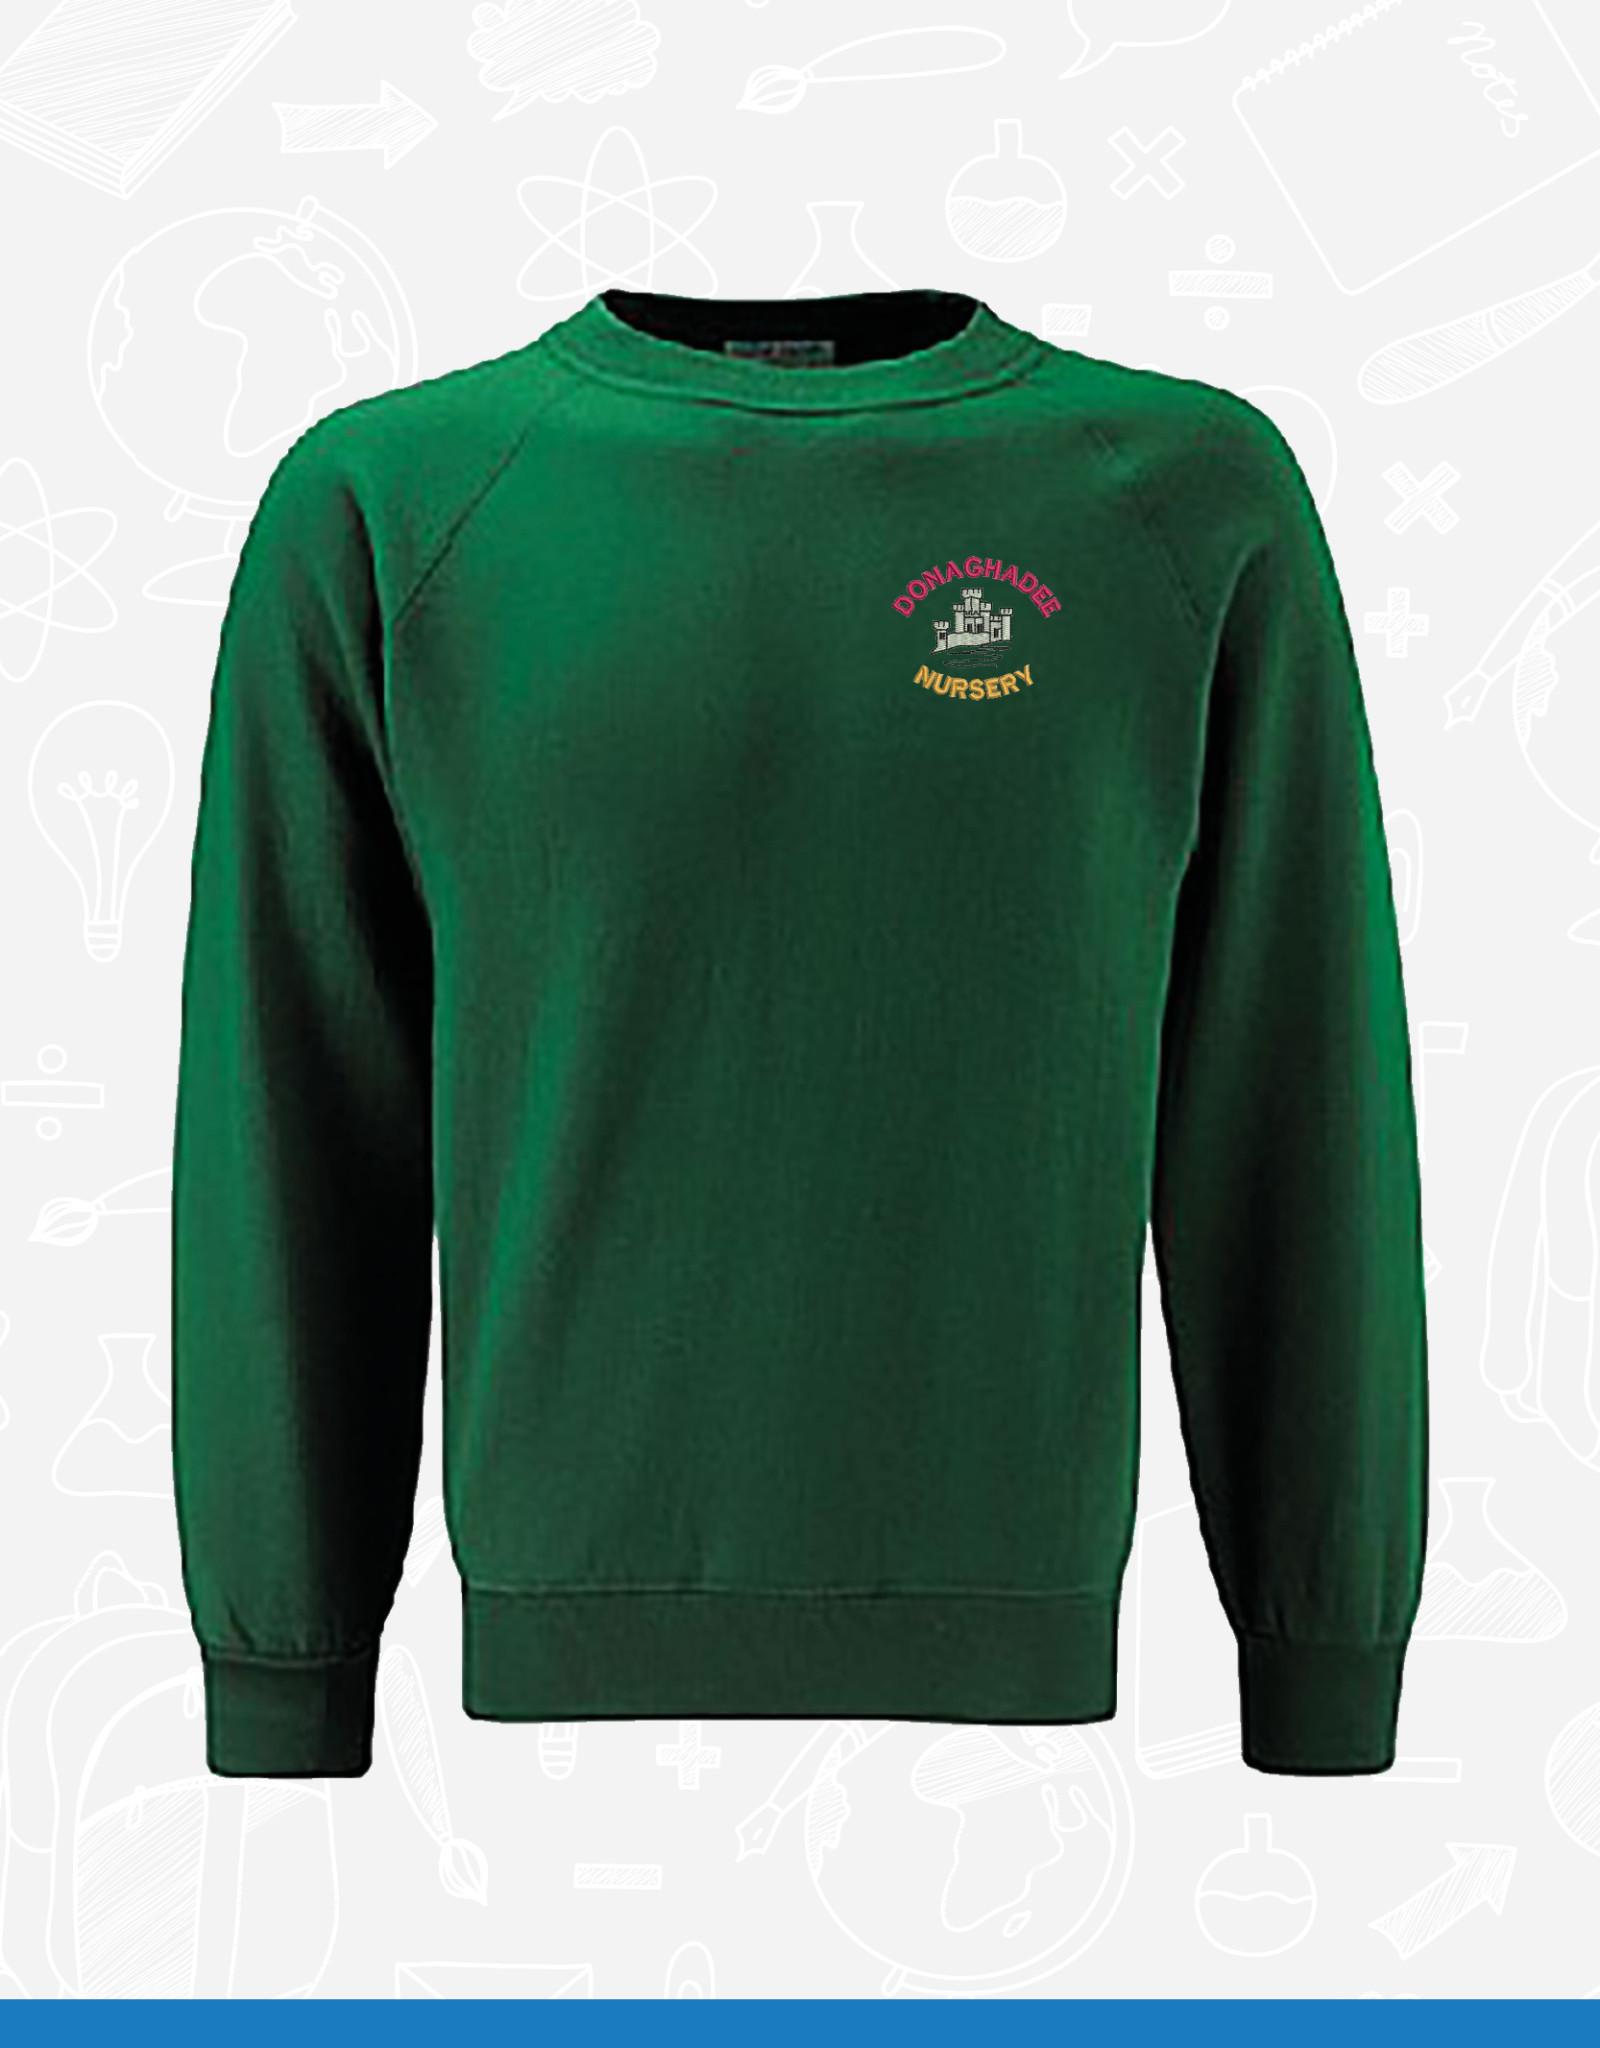 Banner Donaghadee Nursery Sweatshirt (3SR)